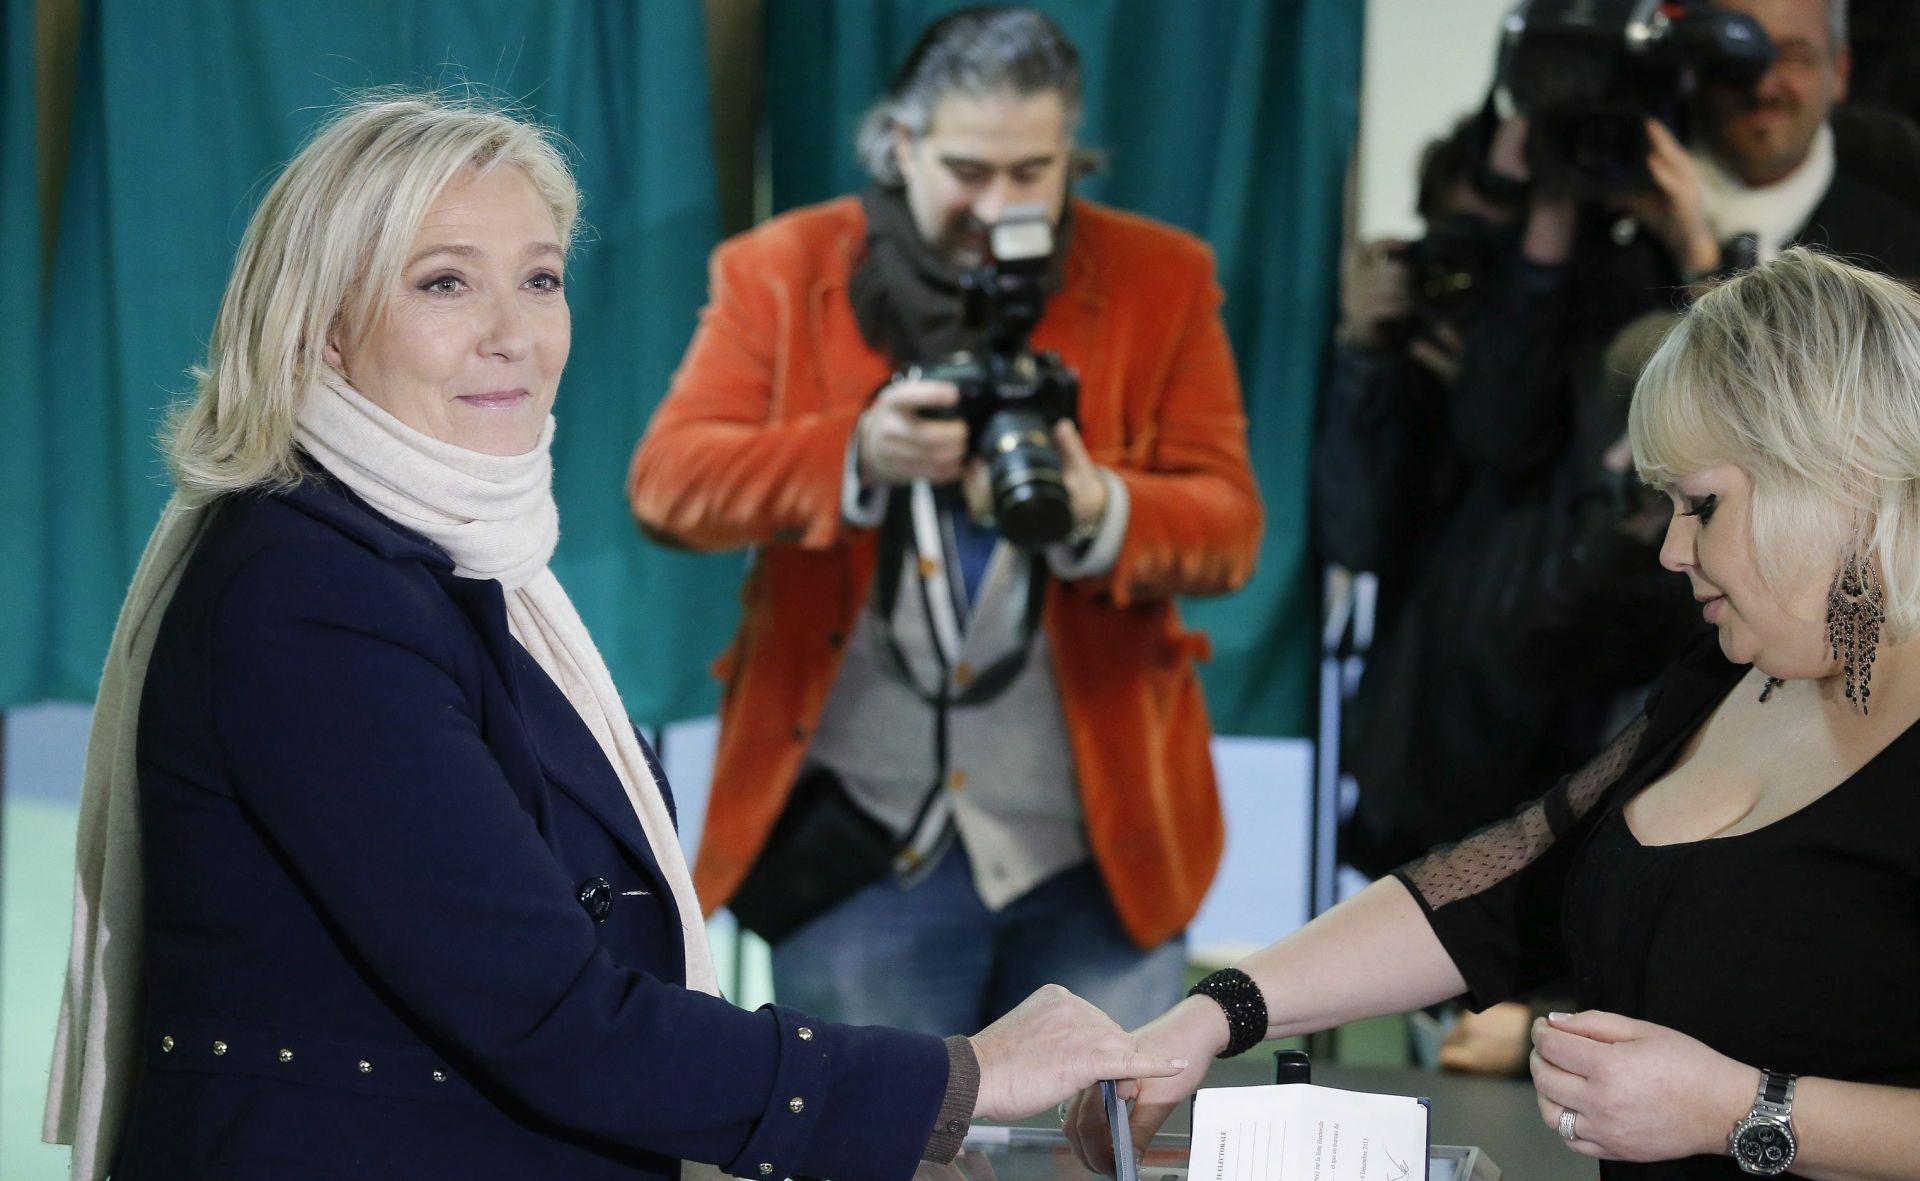 NACIONALNA FRONTA: Istraga protiv Marine Le Pen zbog tvitanja IS-ovih fotografija